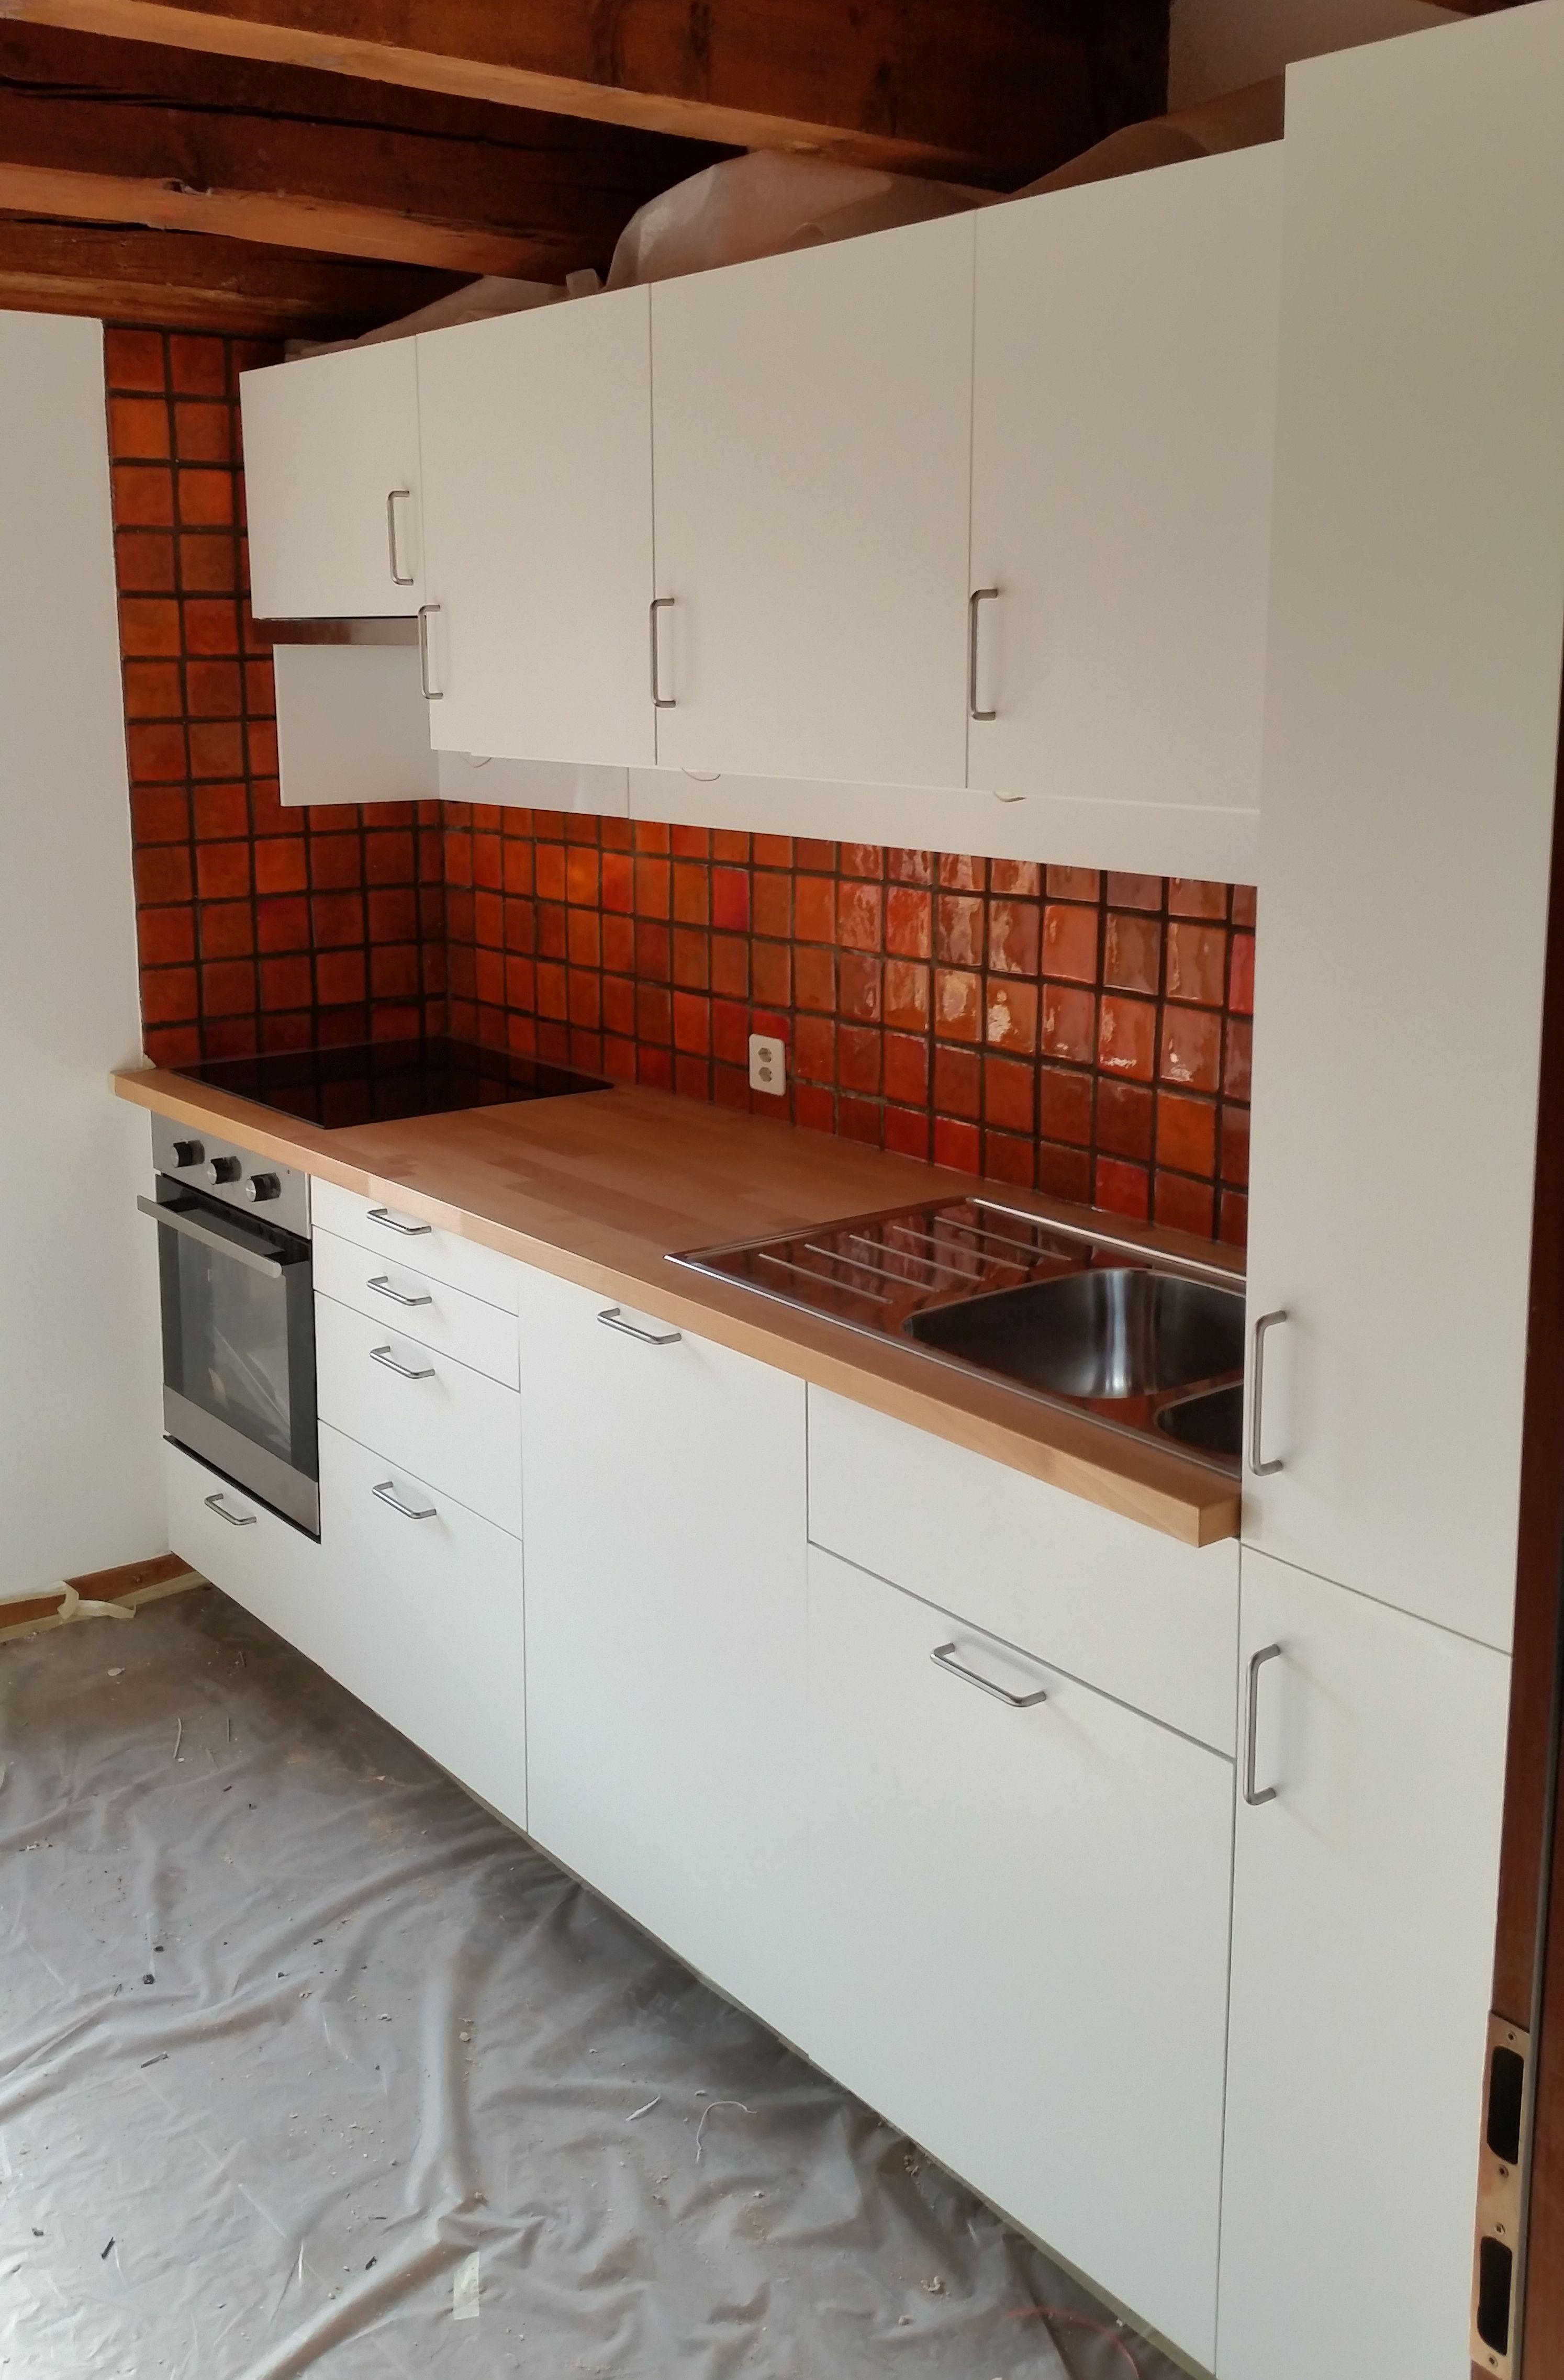 Deco pour cuisine moderne - Pose d une cuisine ikea ...